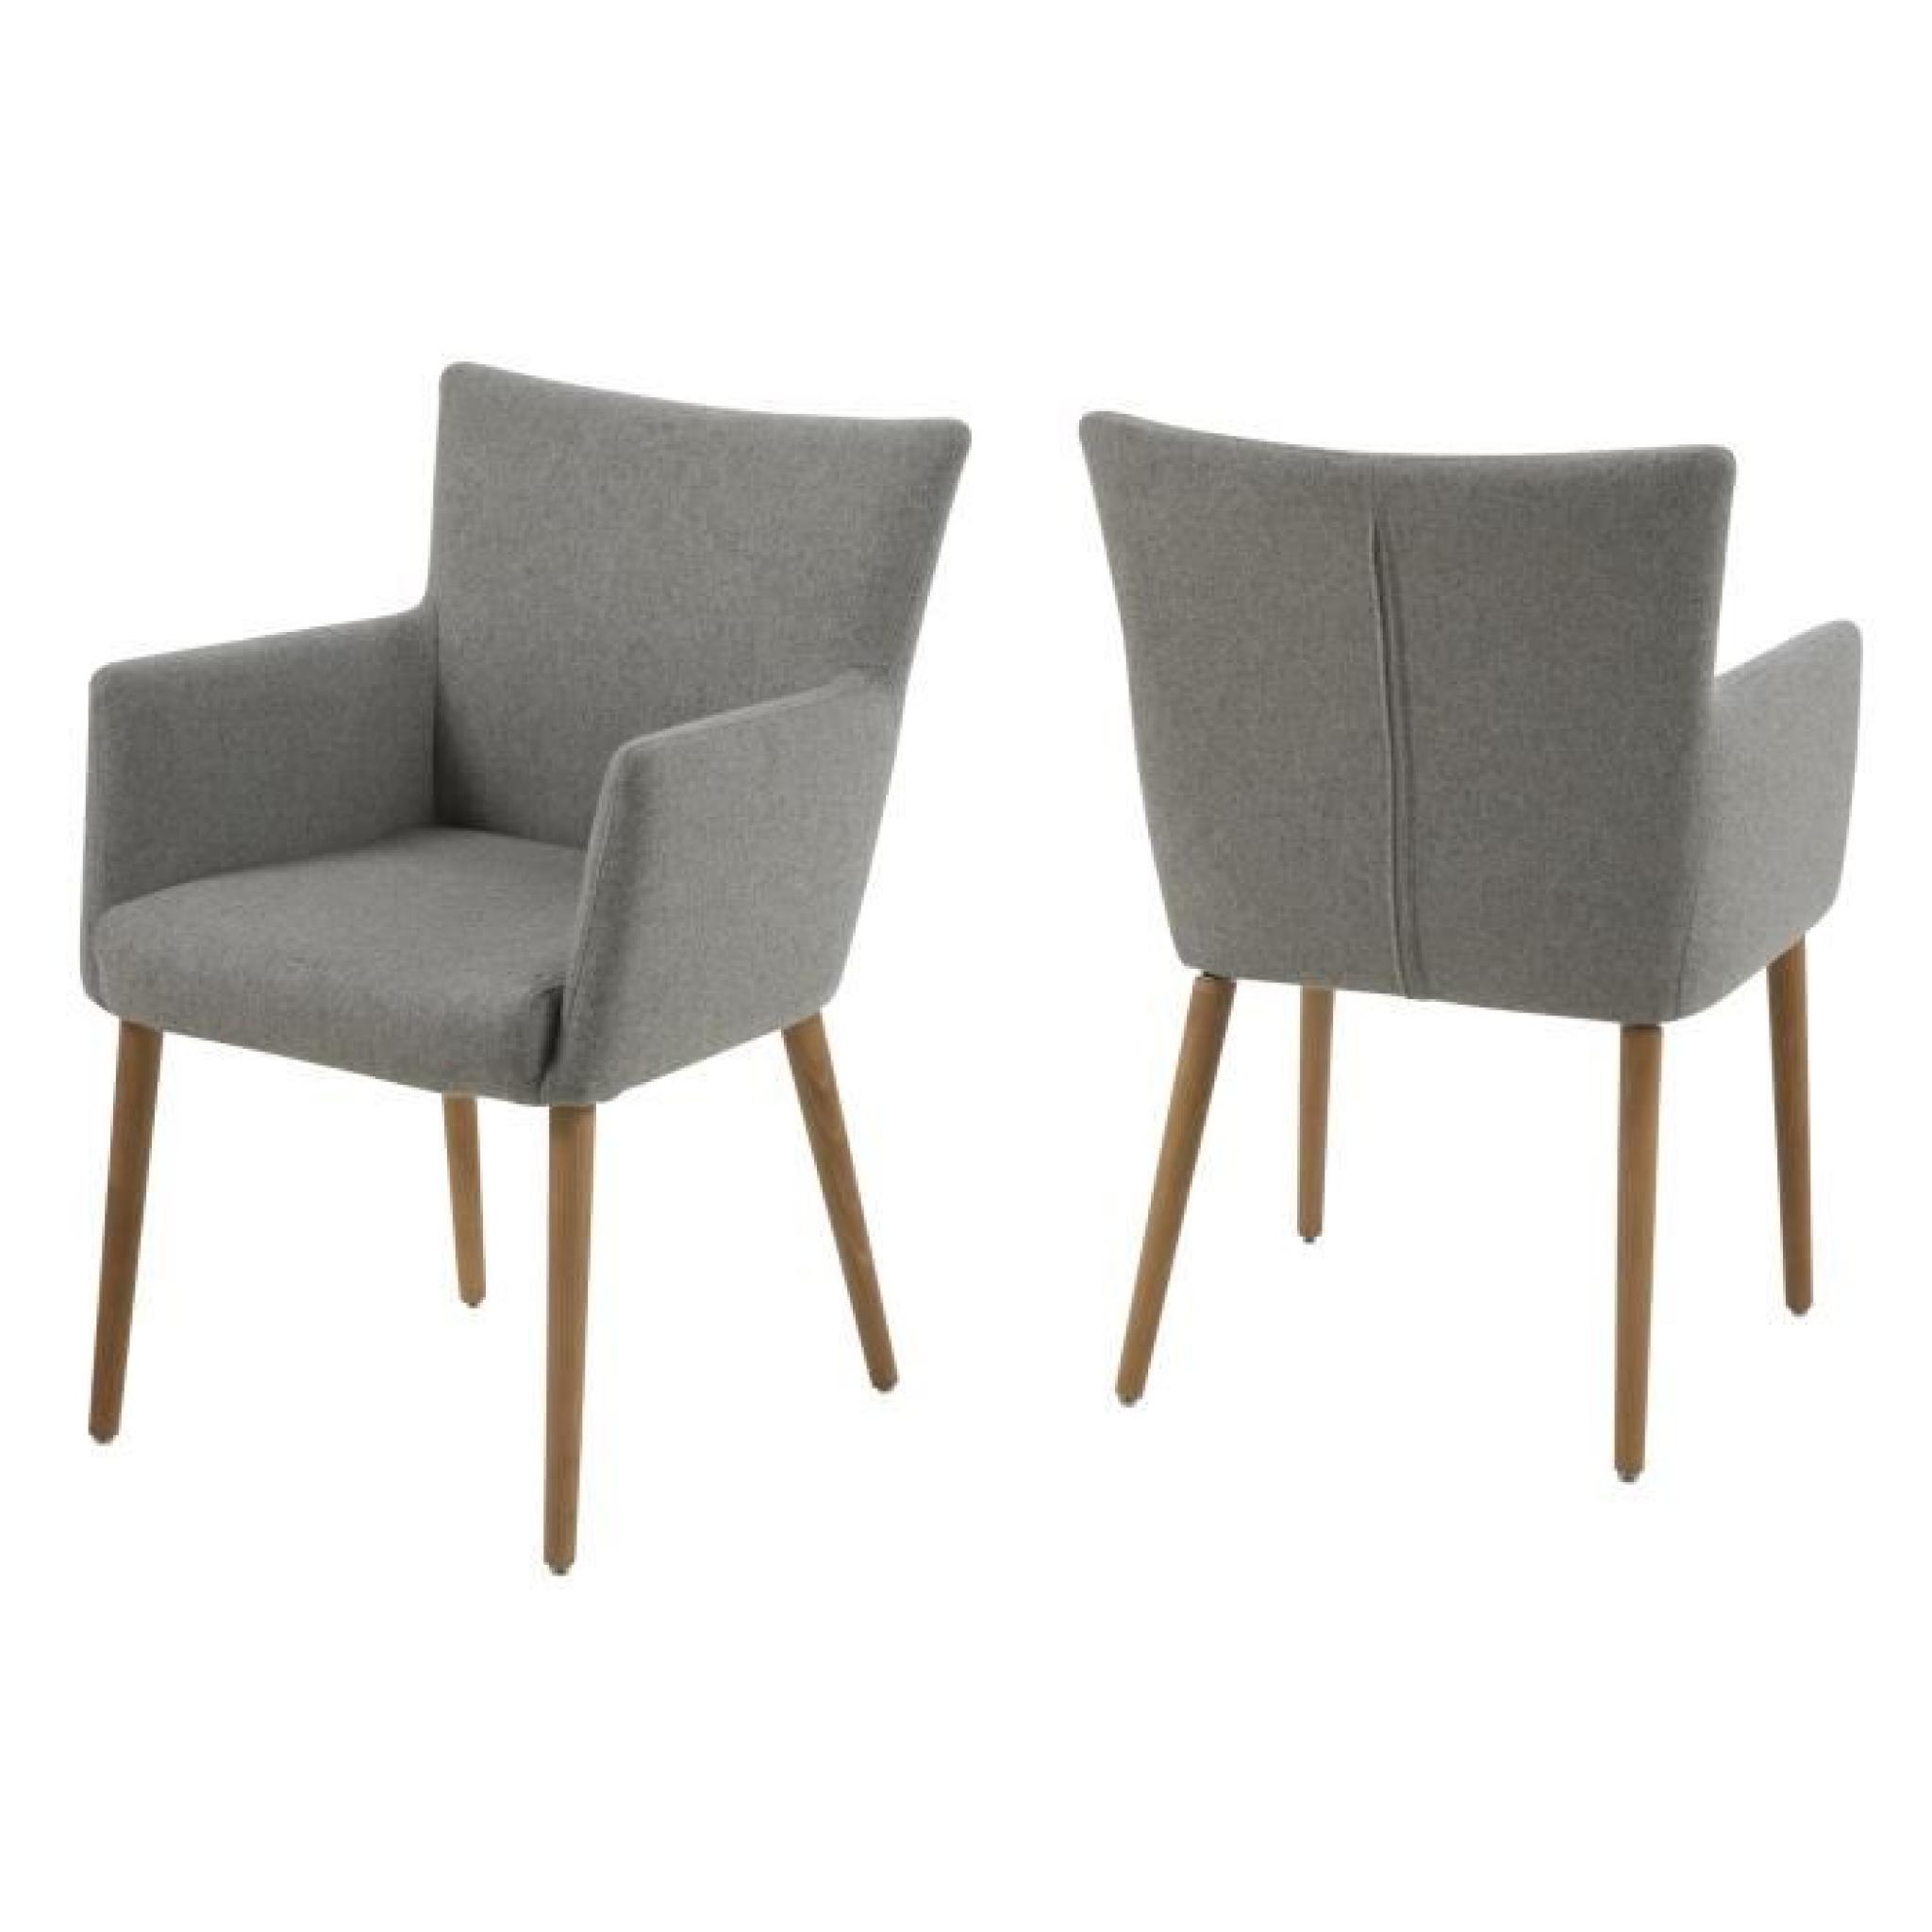 Chaise de salle manger nellie en tissu avec acco achat for Chaise de salle a manger confortable